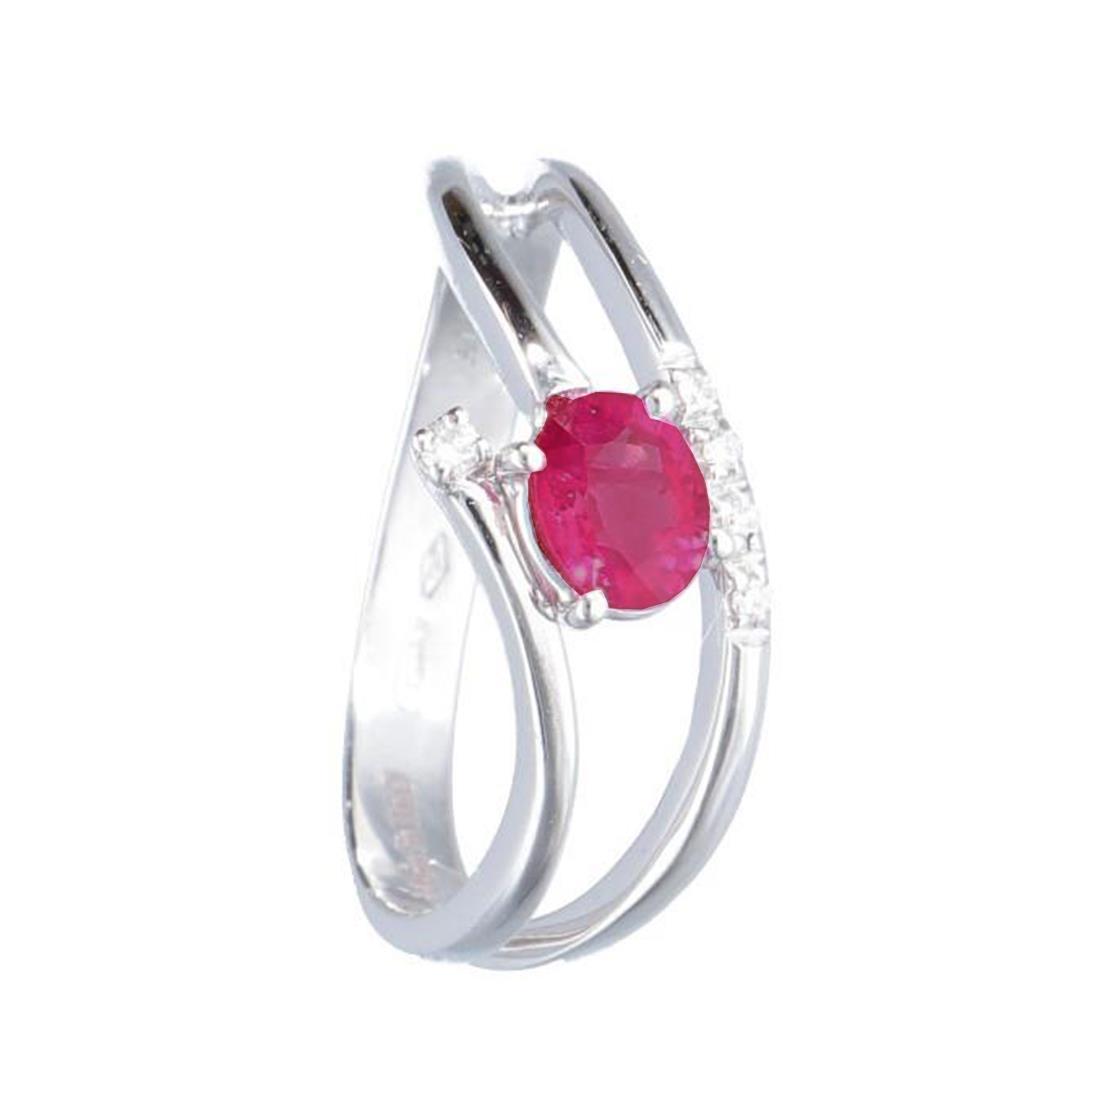 Anello in oro bianco con rubino e diamanti mis 12.5 - ALFIERI & ST. JOHN